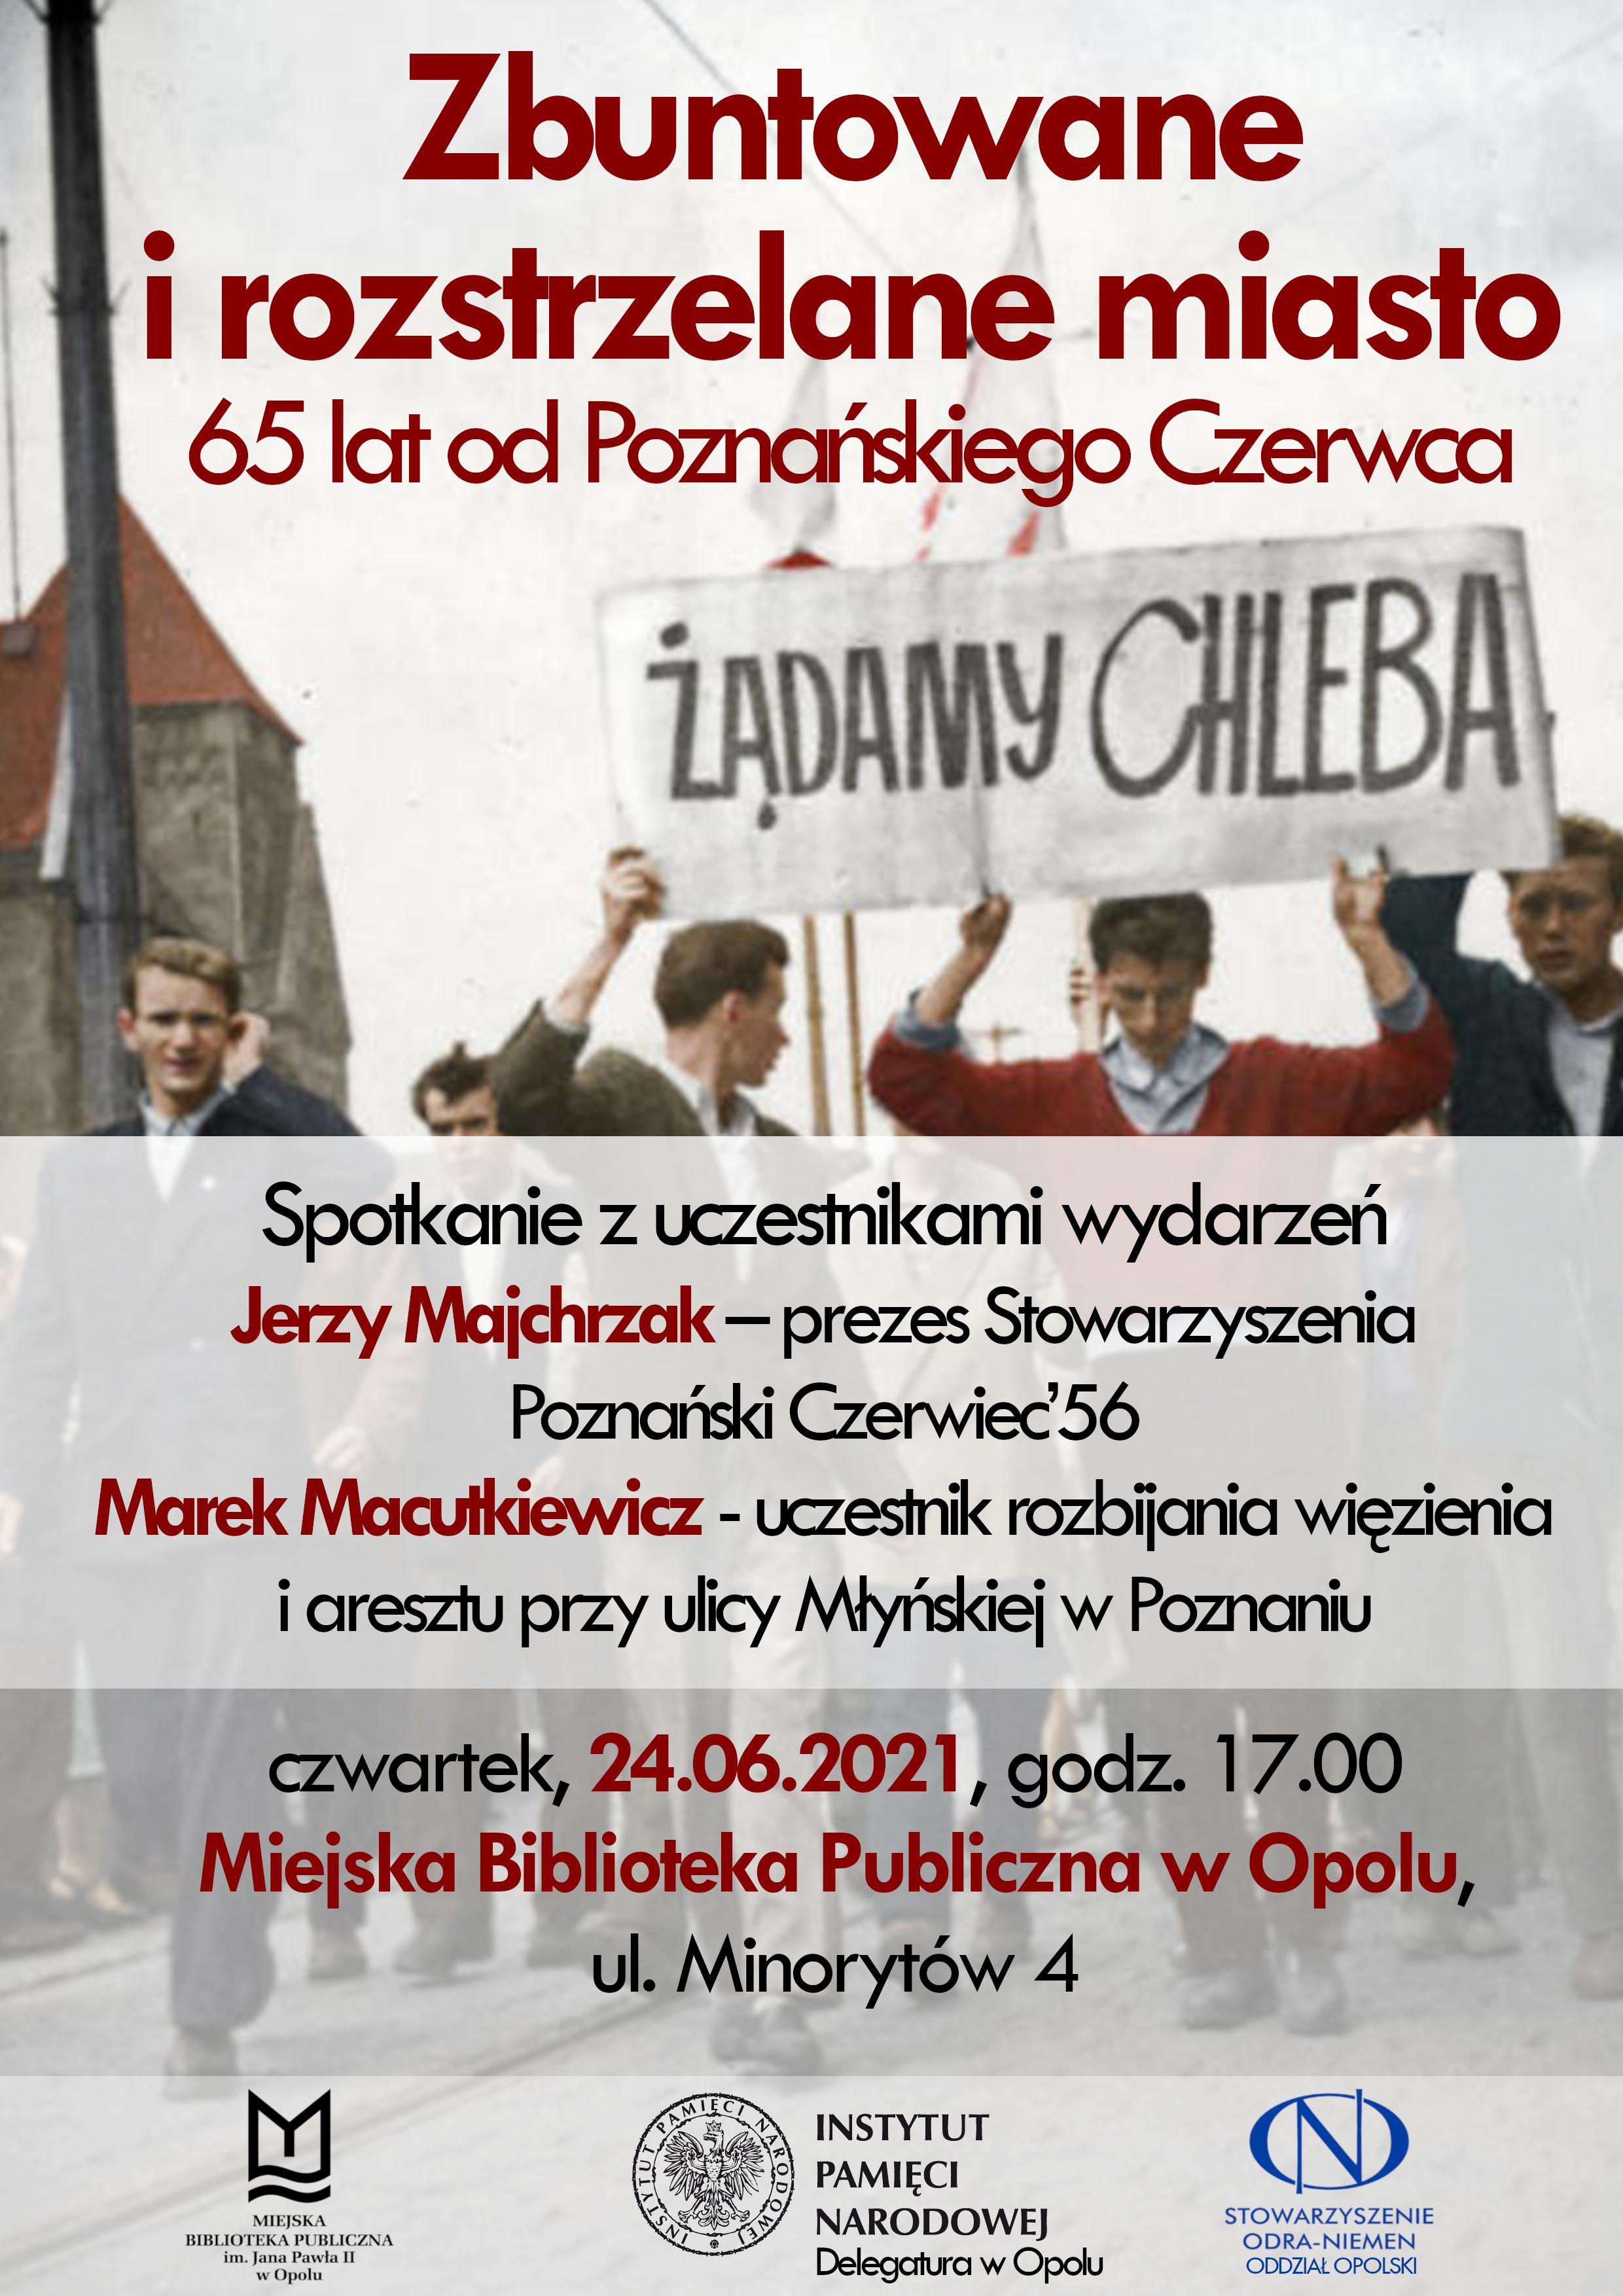 Zbuntowane i rozstrzelane miasto. 65 lat od Poznańskiego Czerwca